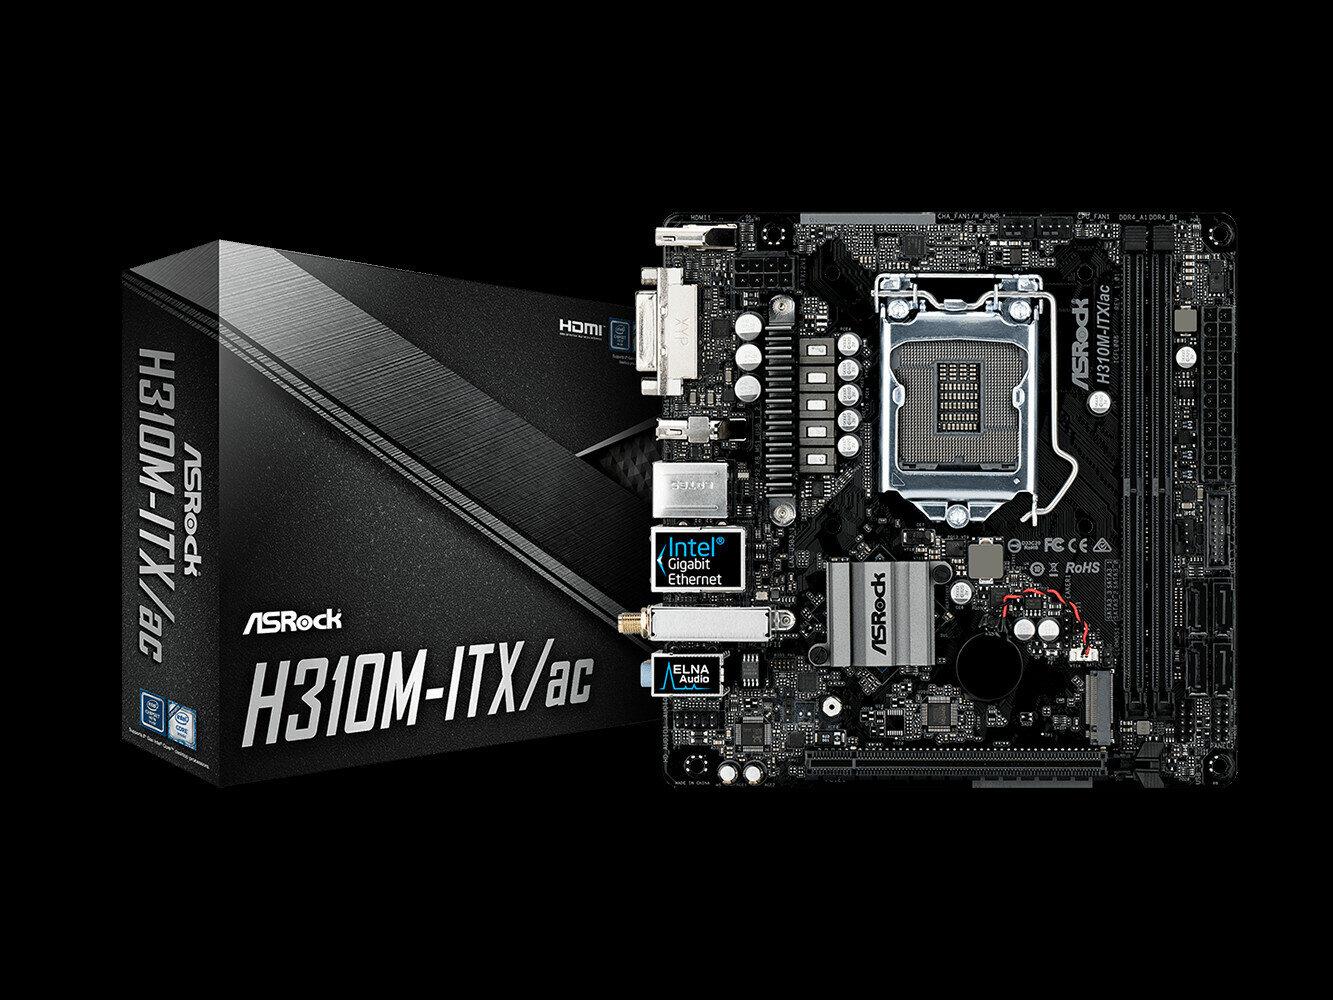 Carte mère H310M-ITX/ac d'ASRock : prix et taille mini, avec du Wi-Fi